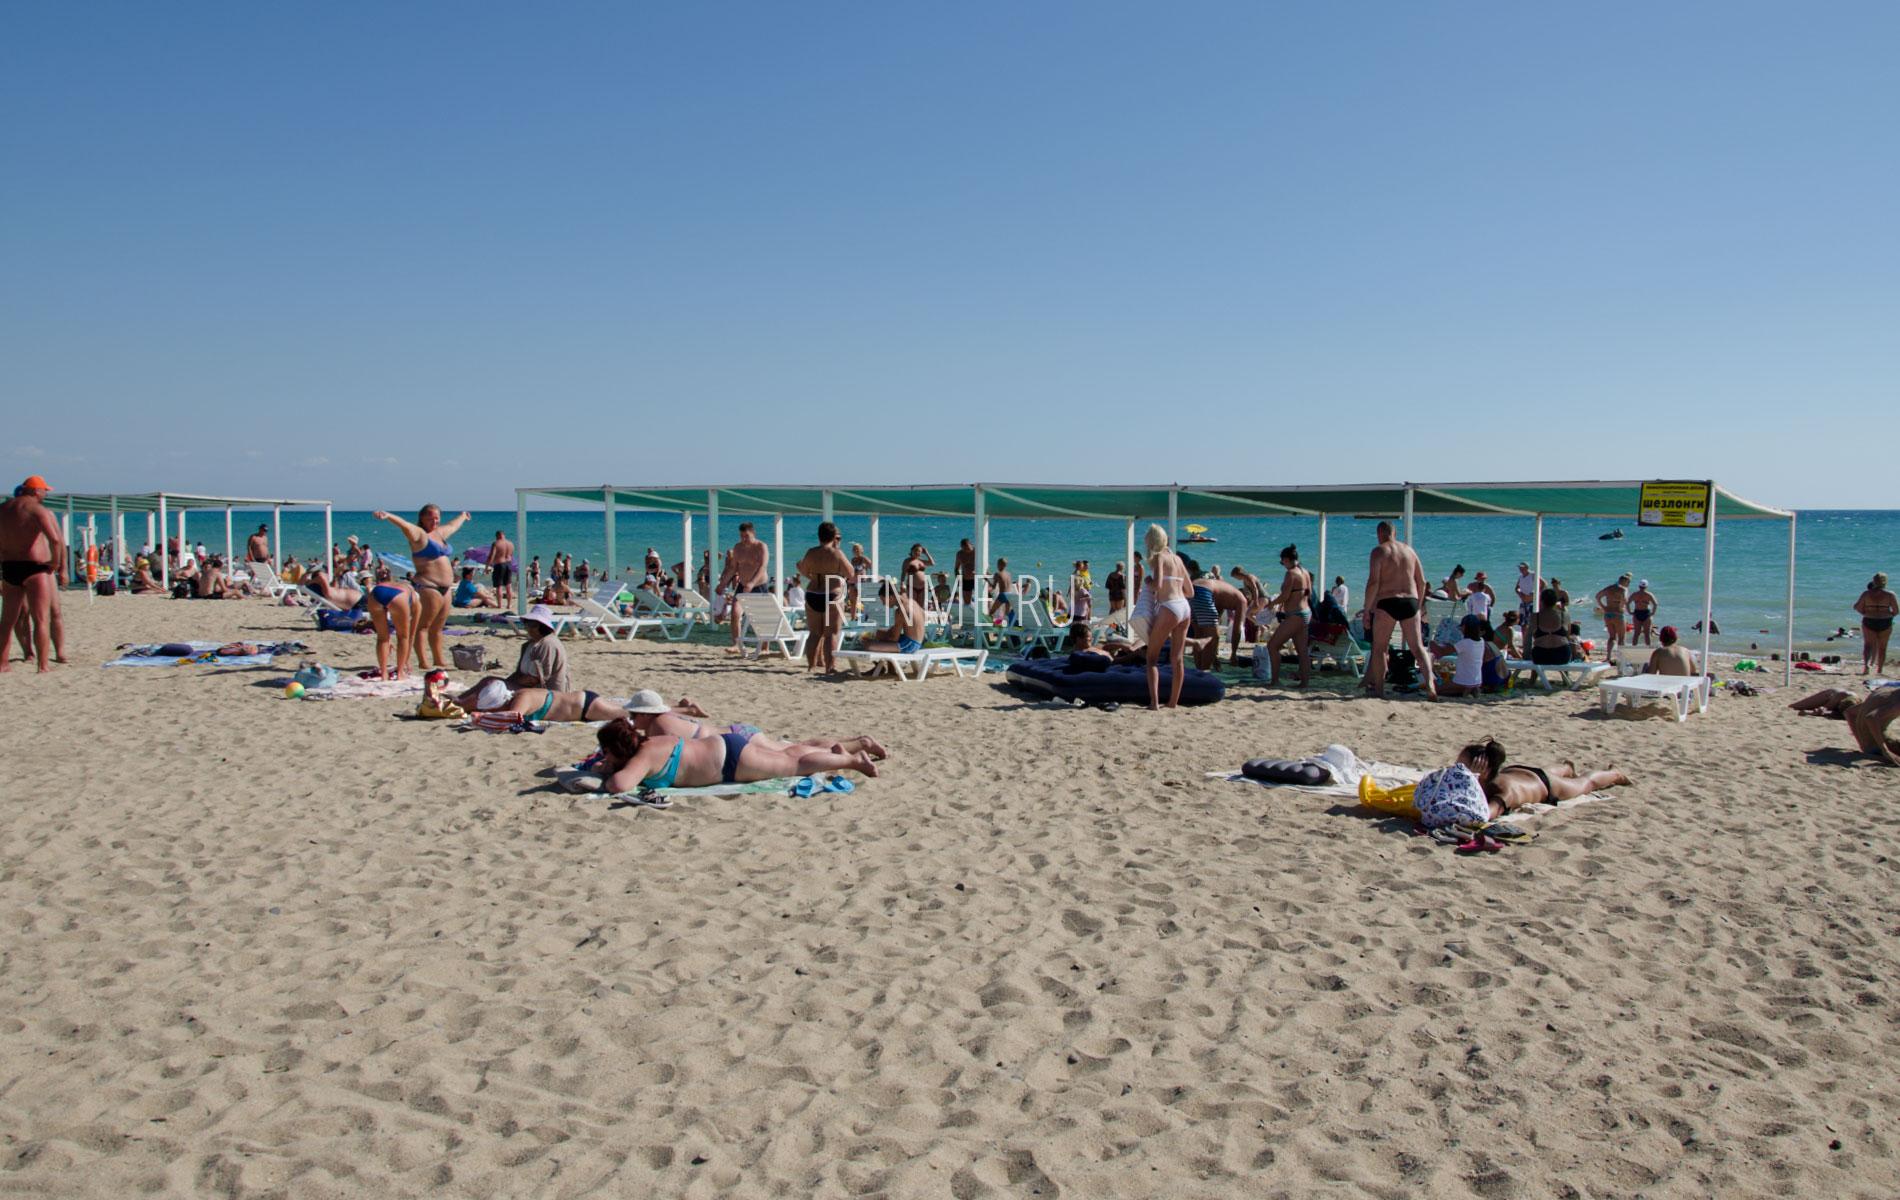 Теневые навесы на песчаном пляже. Фото Сак